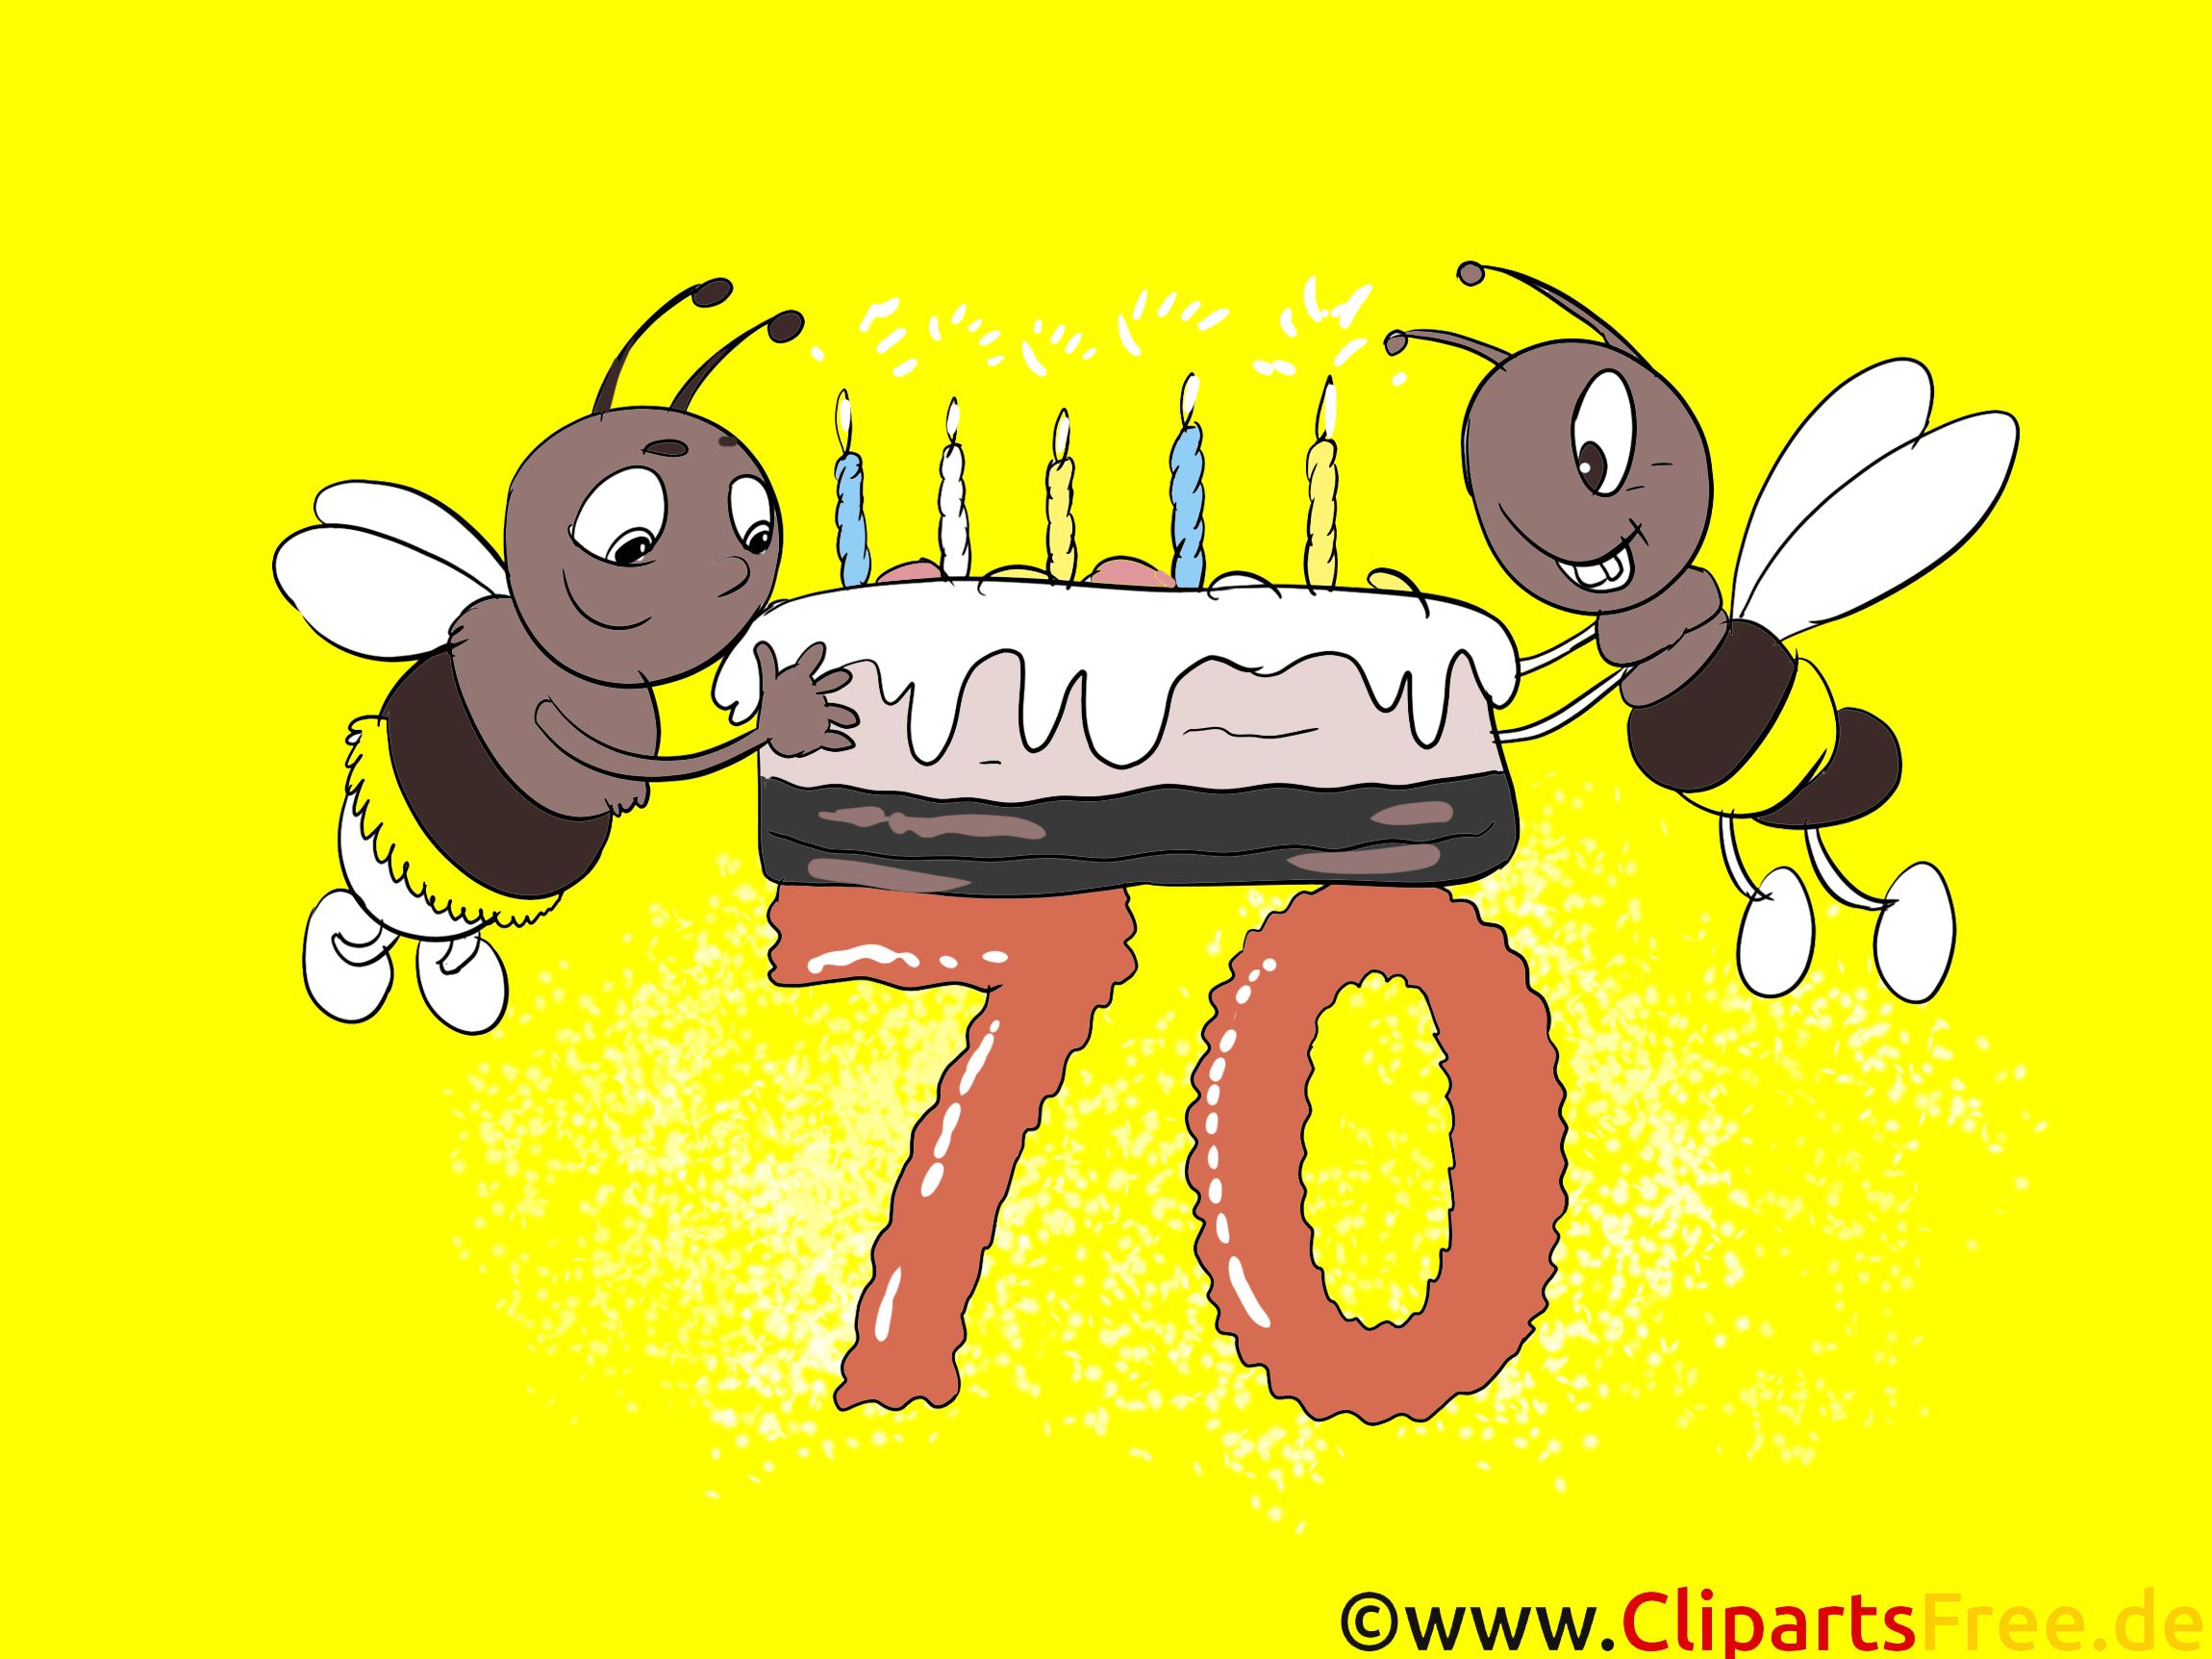 Glckwnsche zum geburtstag clipart picture transparent library Geburtstagskarten - Glückwünsche selbst gestalten zum 70 Geburtstag picture transparent library